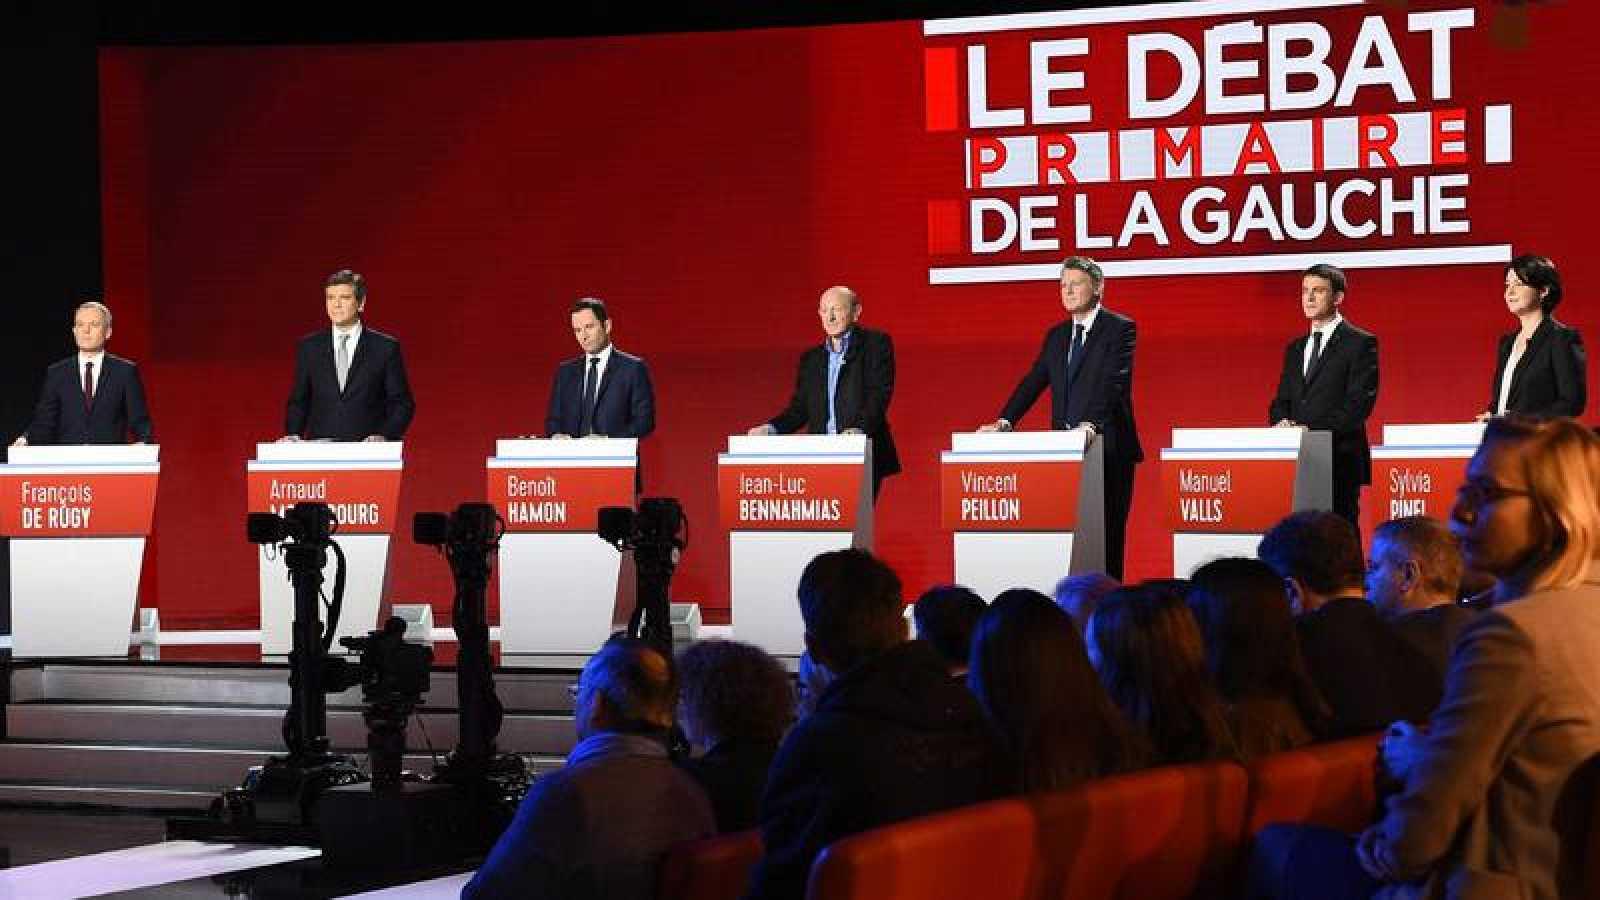 Segundo debate televisivo de los aspirantes en primarias a la candidatura socialista en Francia